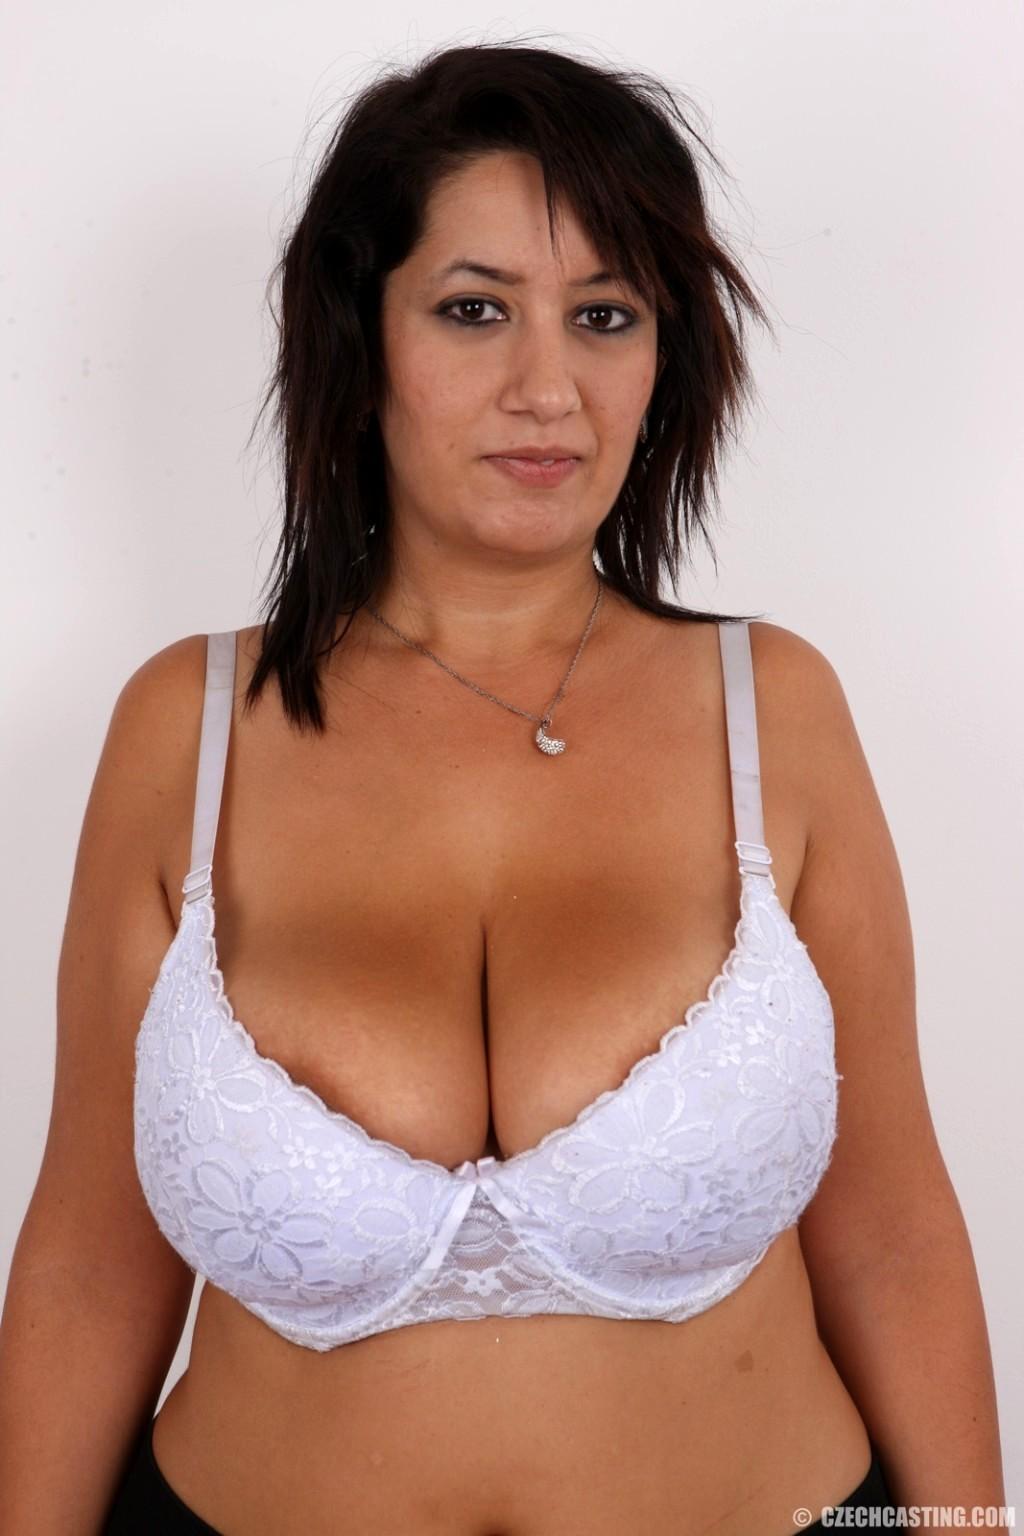 Babe Today Czech Casting Romana Uncensored Model Xxxsexxx -5148